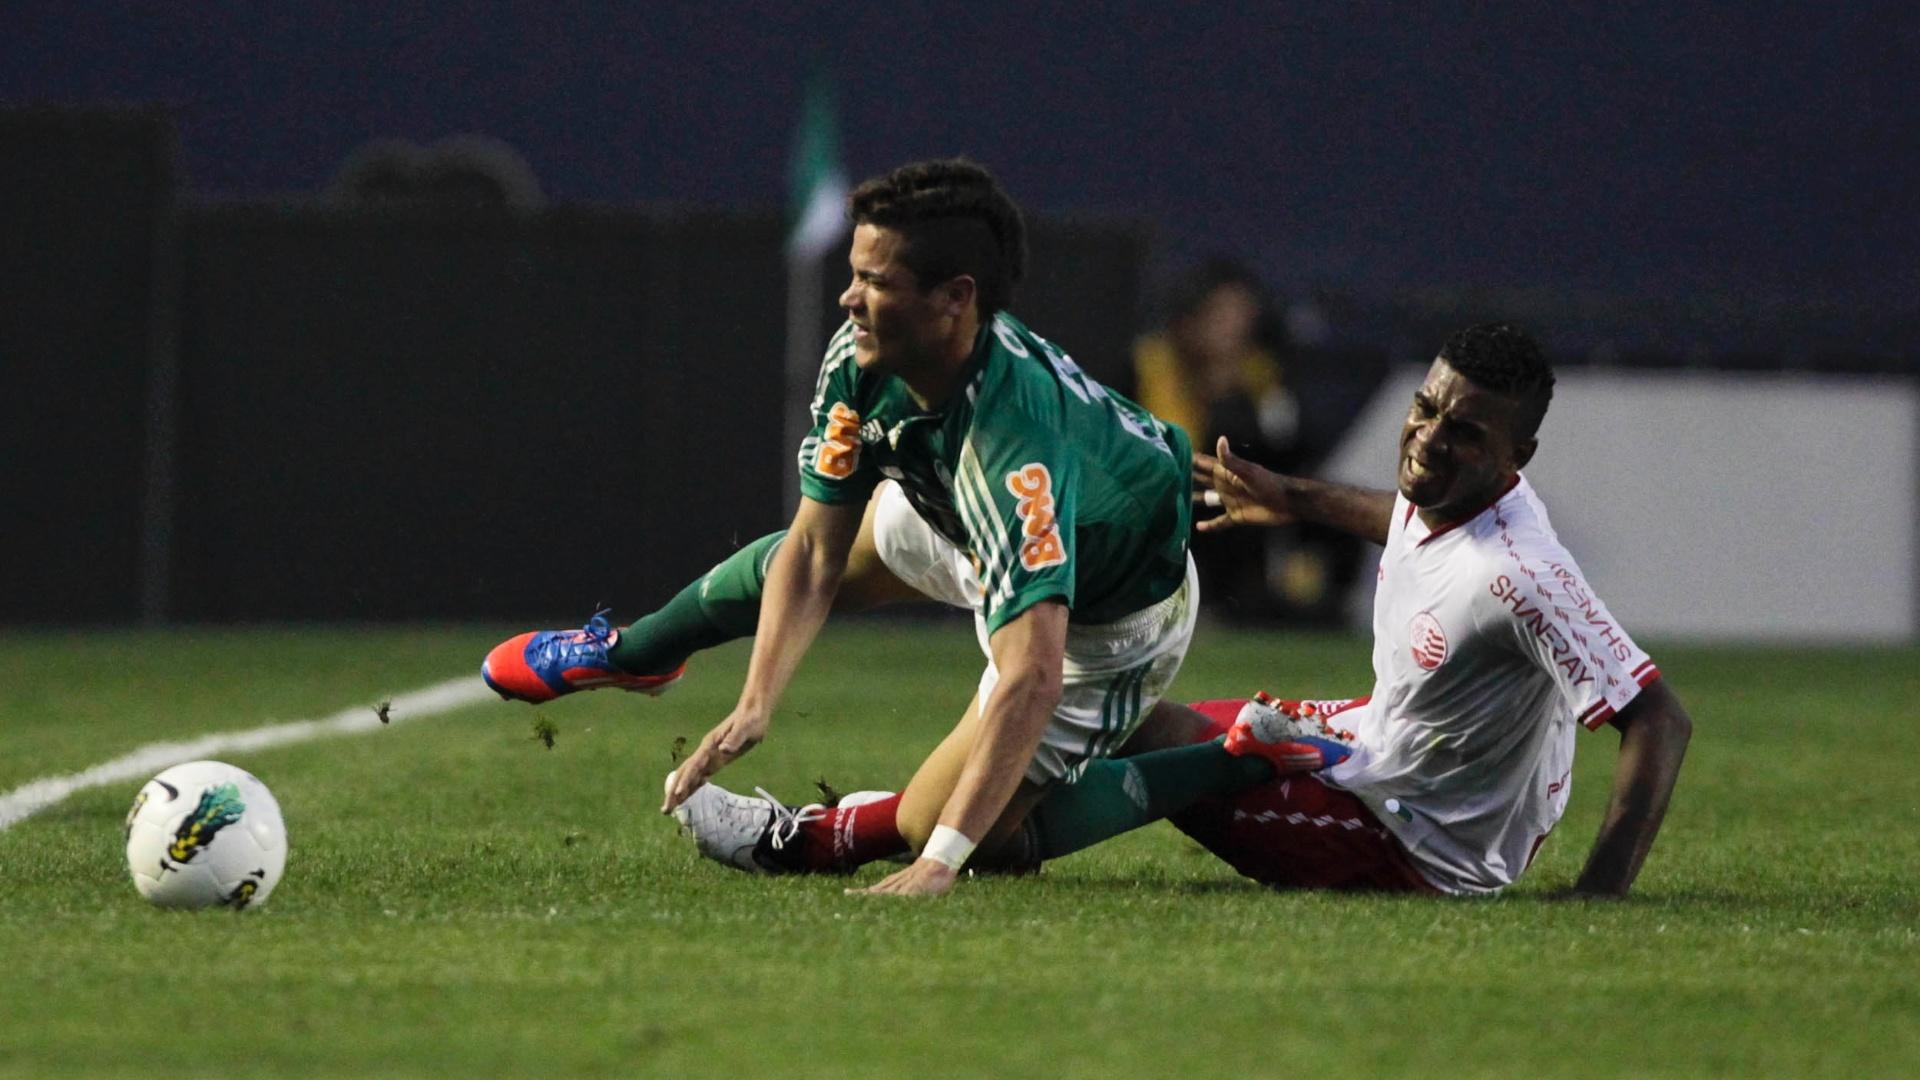 Atacante Betinho sofre com a dura marcação do jogador do Náutico na partida na Arena Barueri, pela 11ª rodada